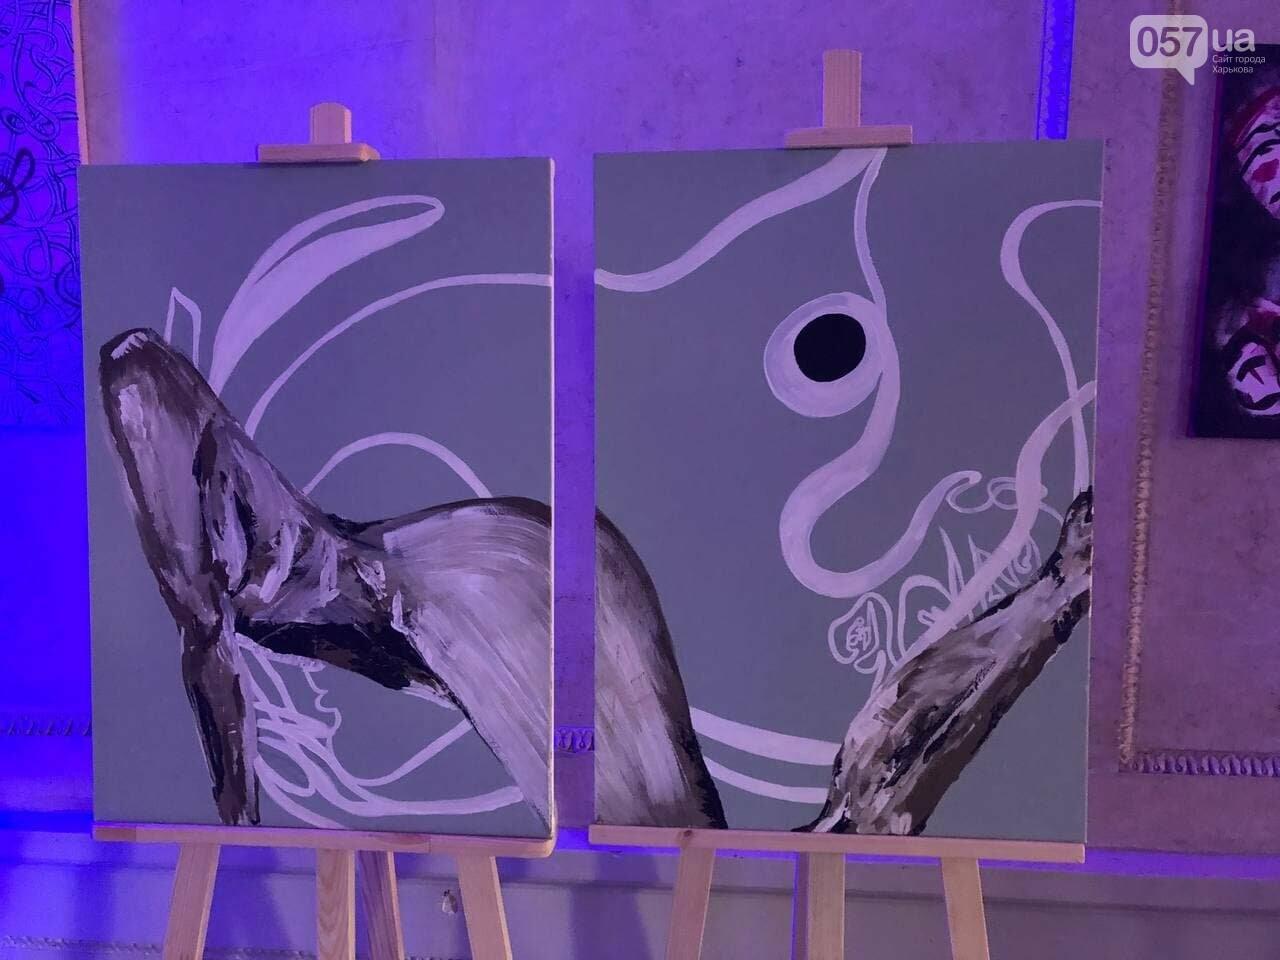 В Харькове прошла благотворительная выставка памяти молодой художницы, скончавшейся от приступа эпилепсии, - ФОТОРЕПОРТАЖ, фото-2